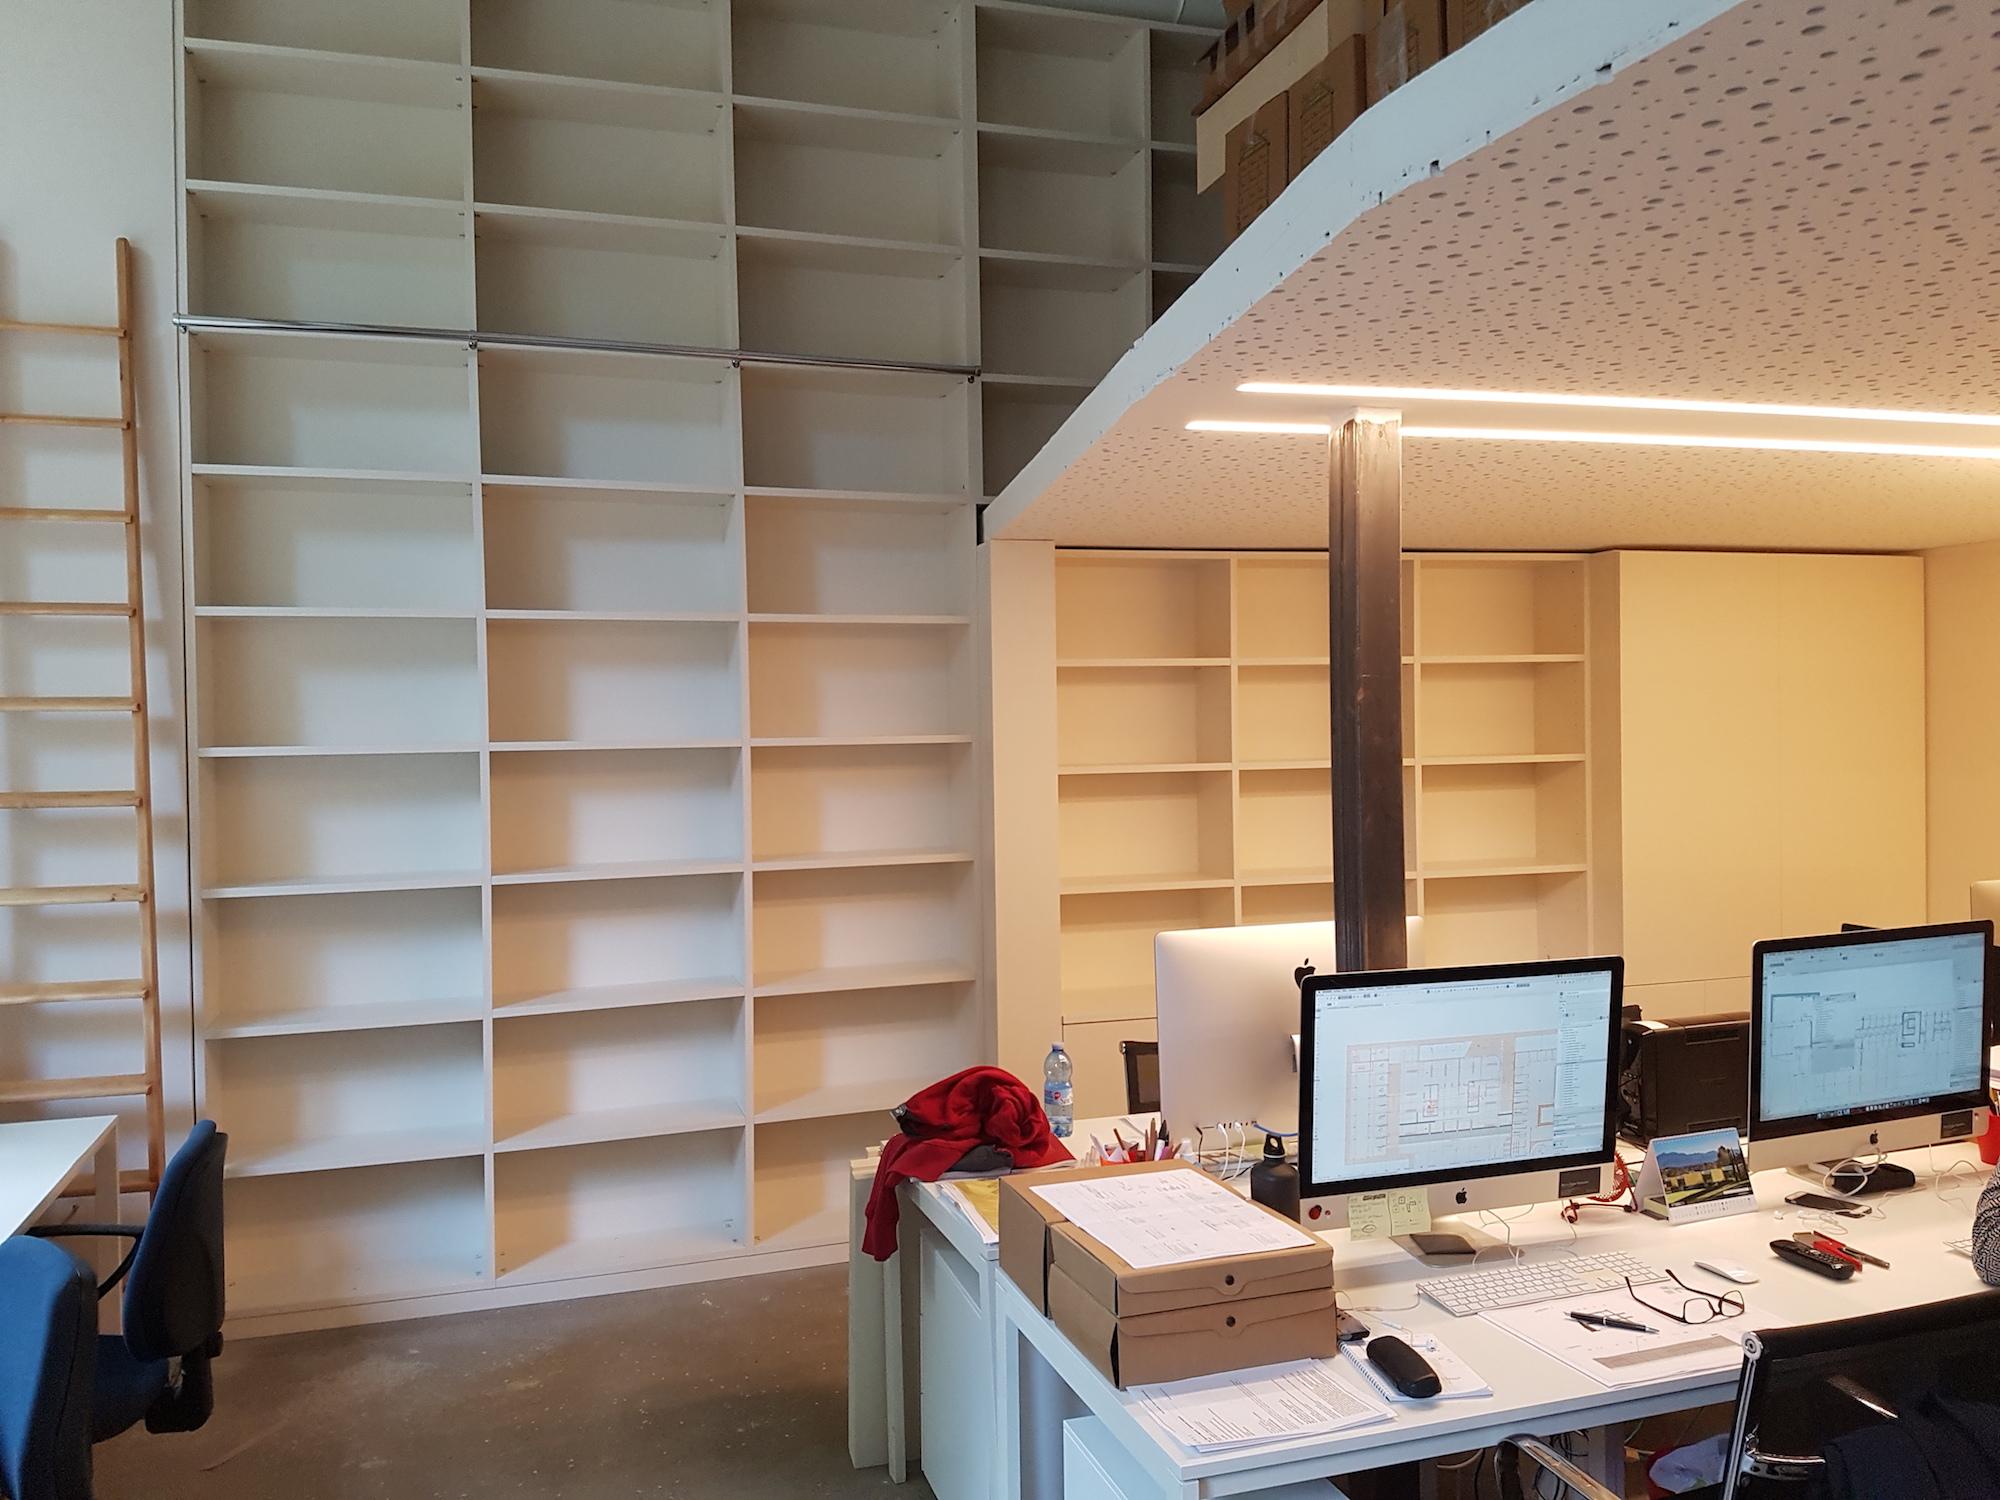 STUDIO ARCHITETTURA LACCATO RAL 9001 B